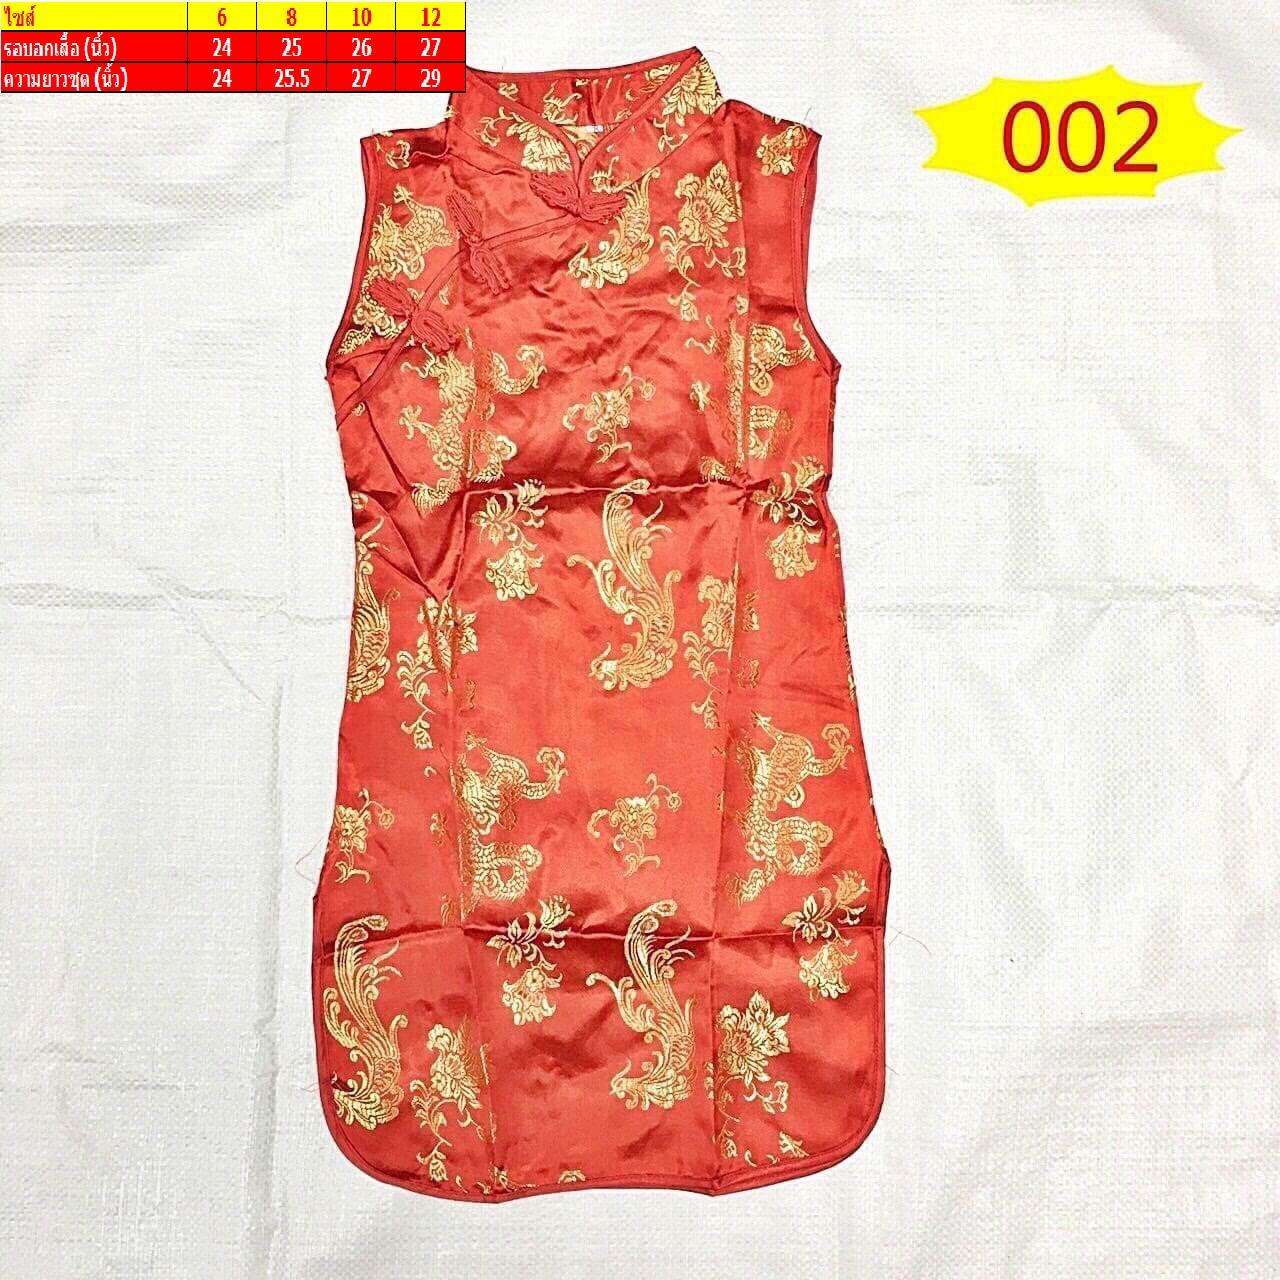 เดรสกี่เพ้าสีแดง คอป้าน ลาย 002